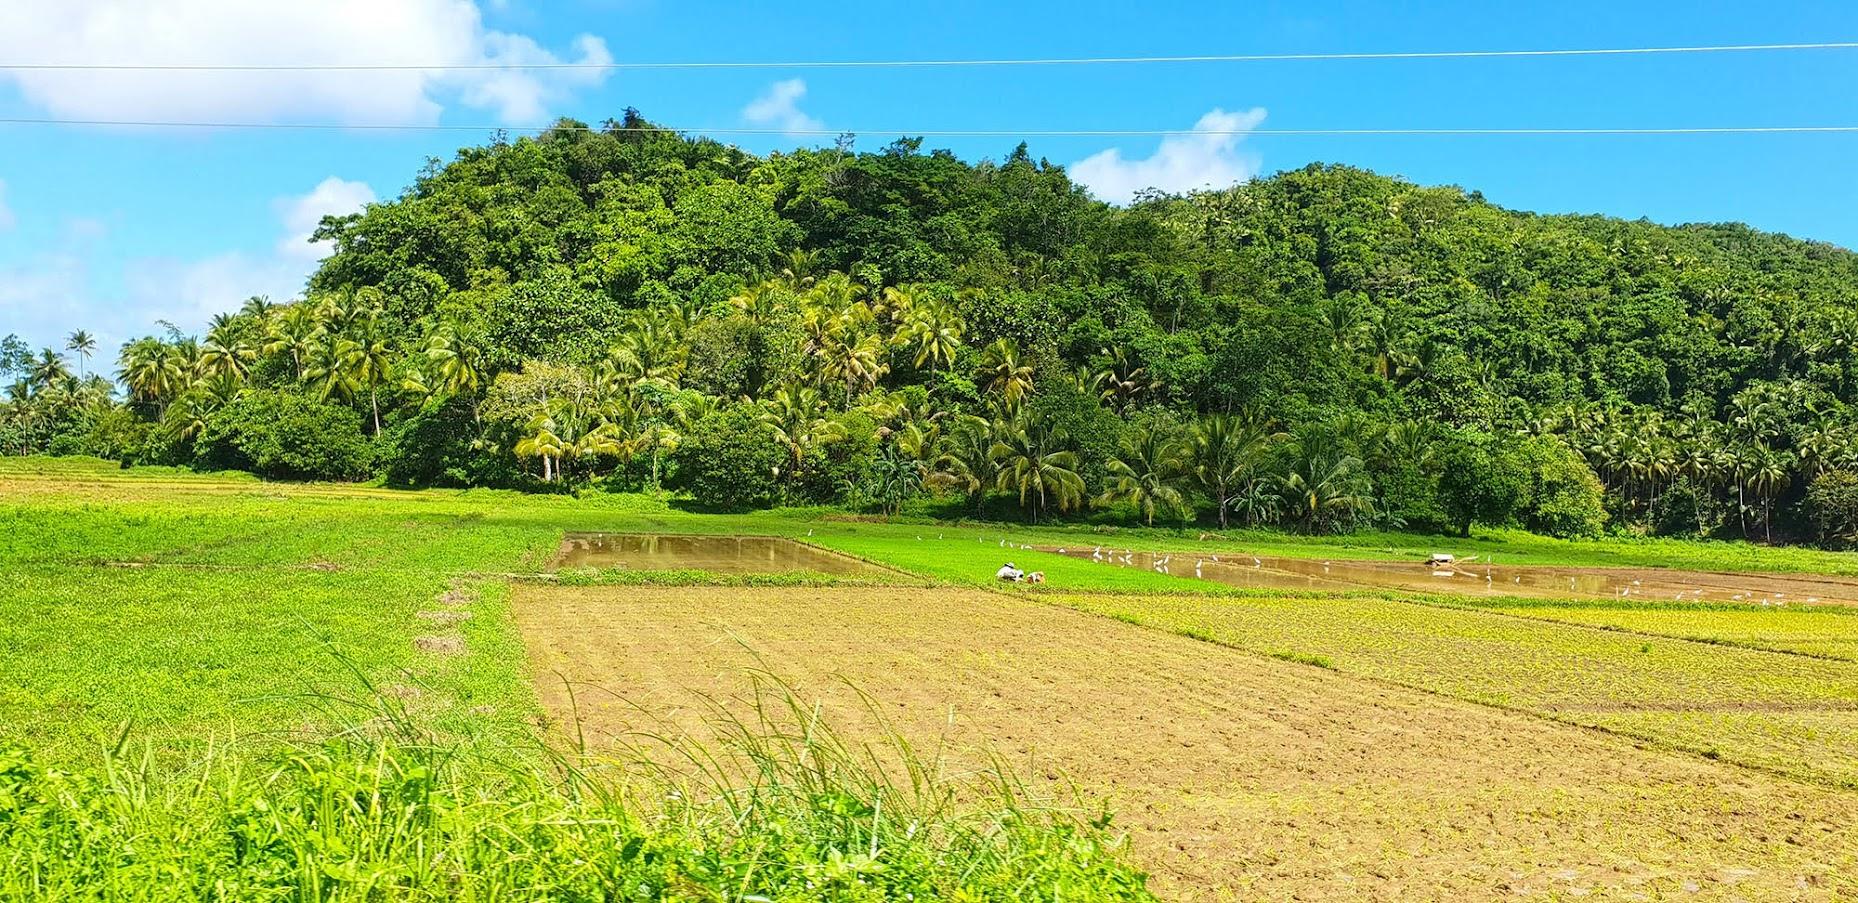 VISITAR SIARGAO - O que ver e fazer em Siargao, a ilha verde | Filipinas